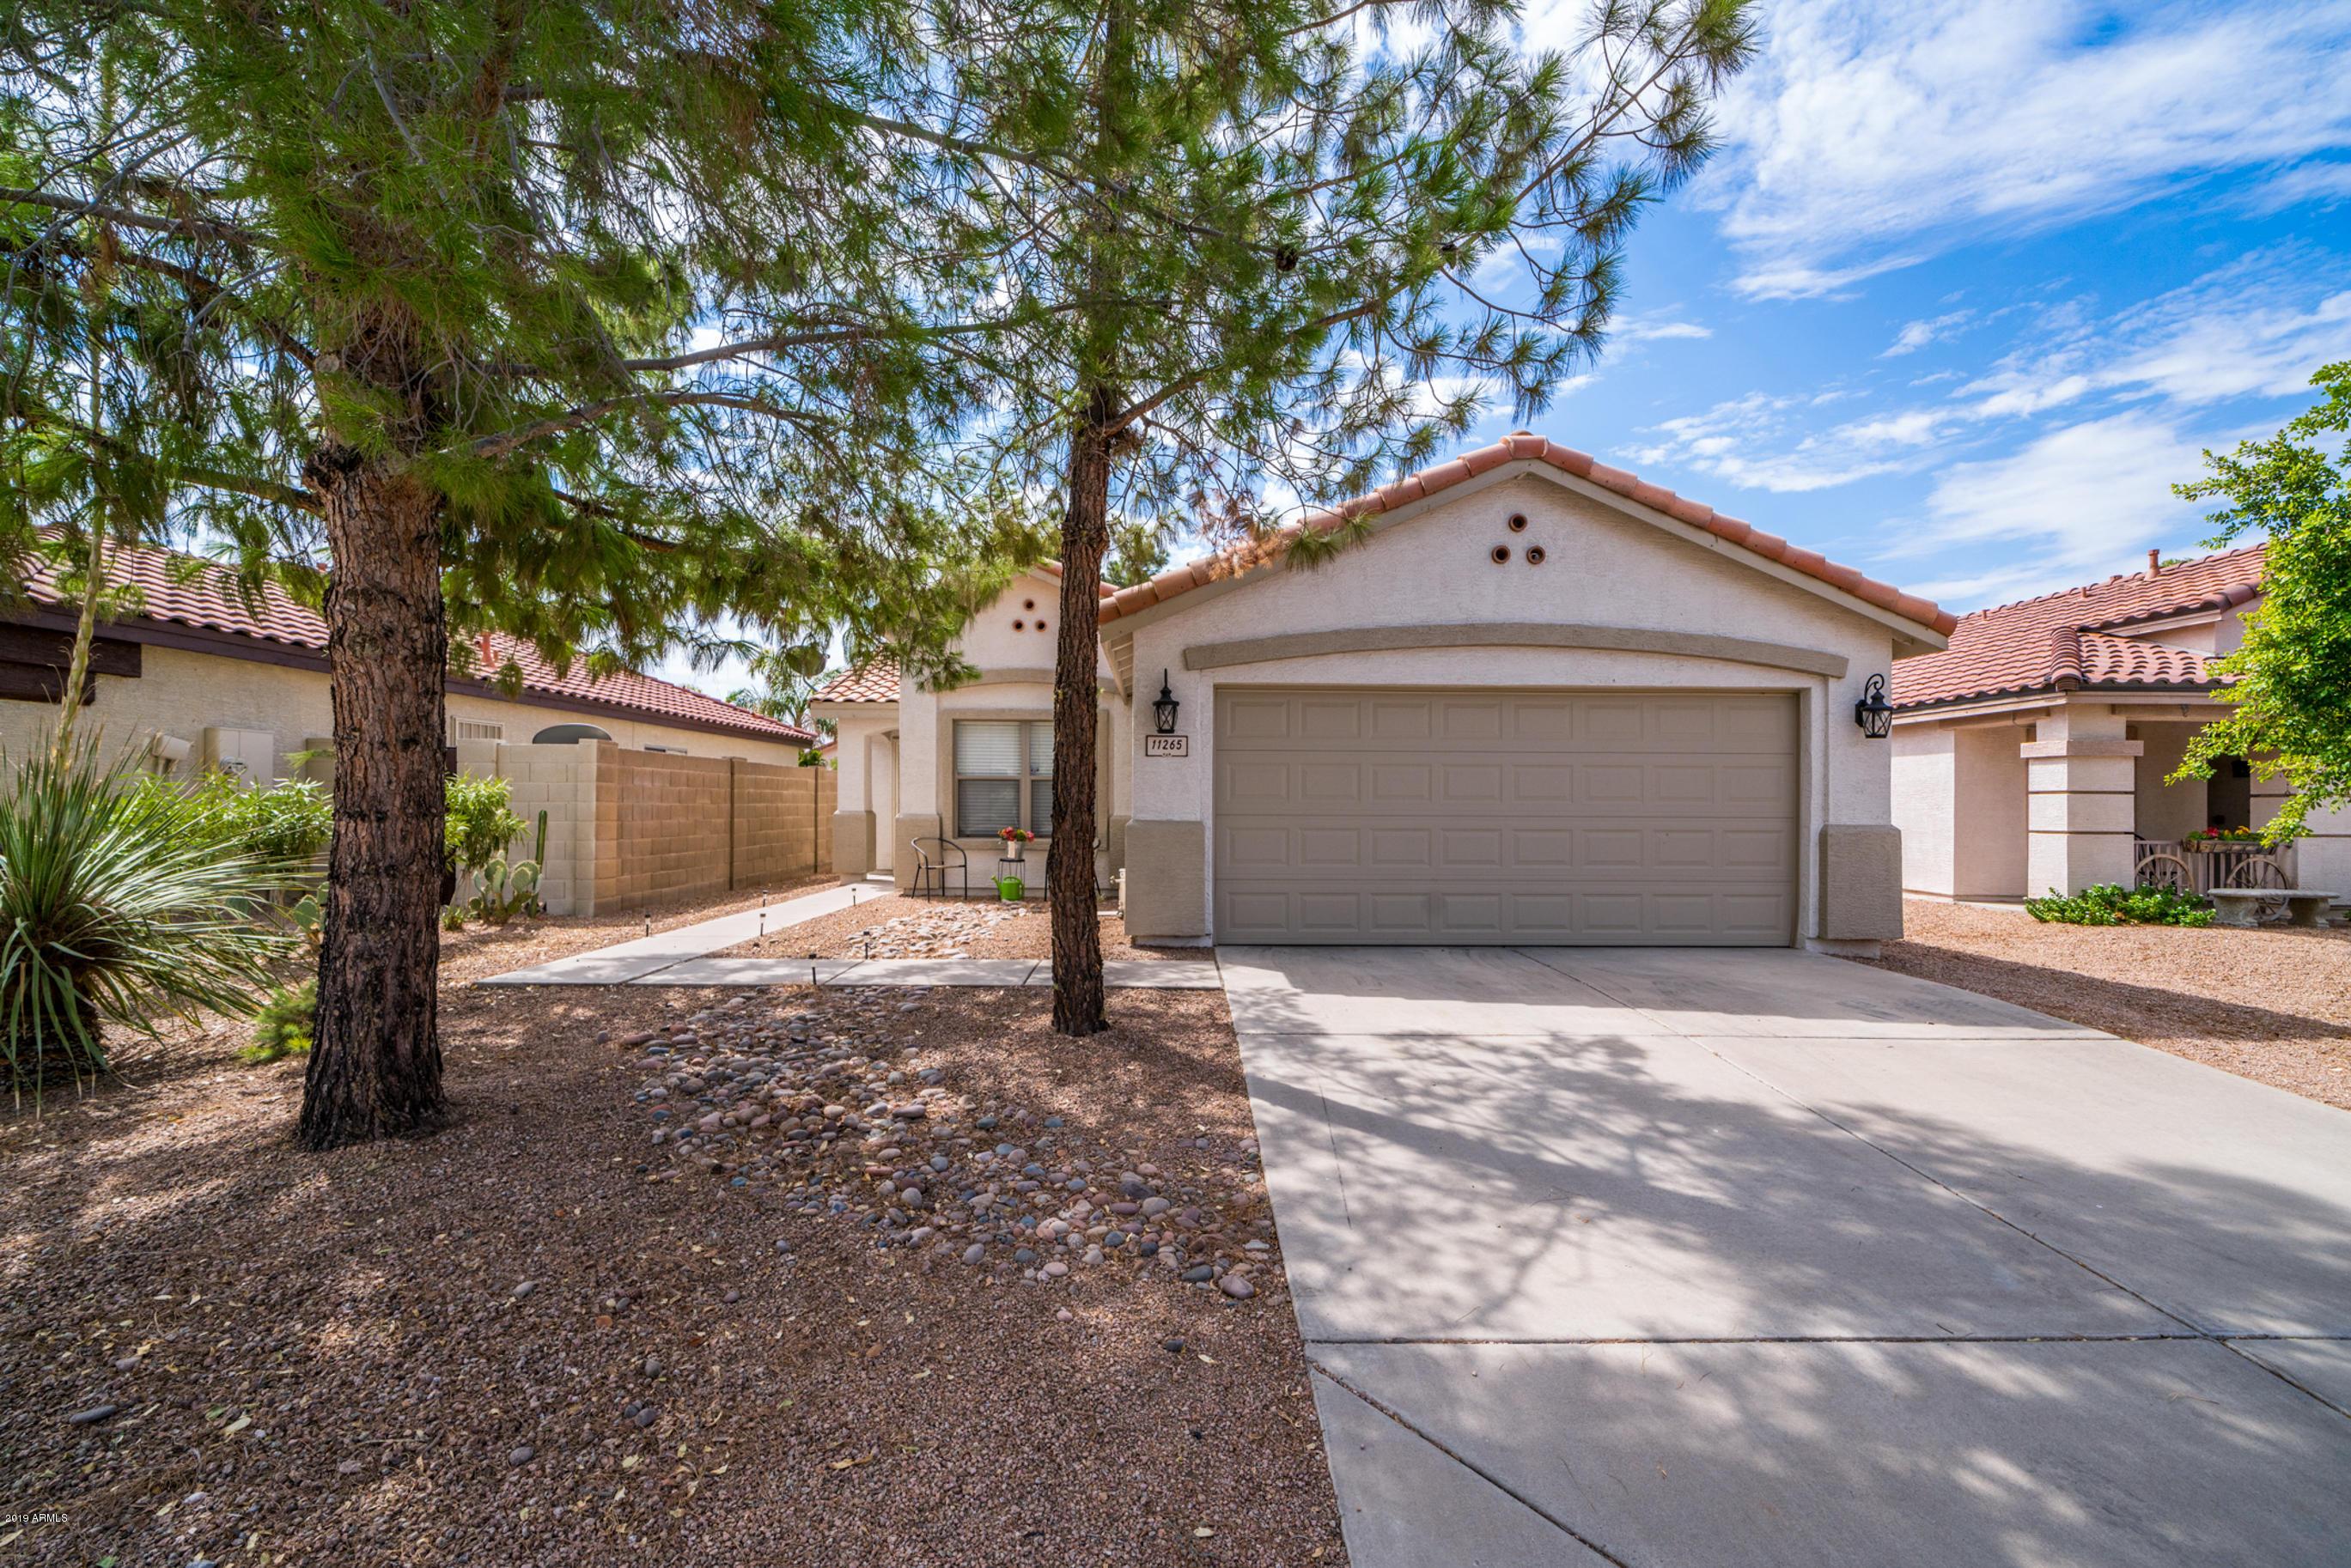 Photo of 11265 E EMELITA Avenue, Mesa, AZ 85208